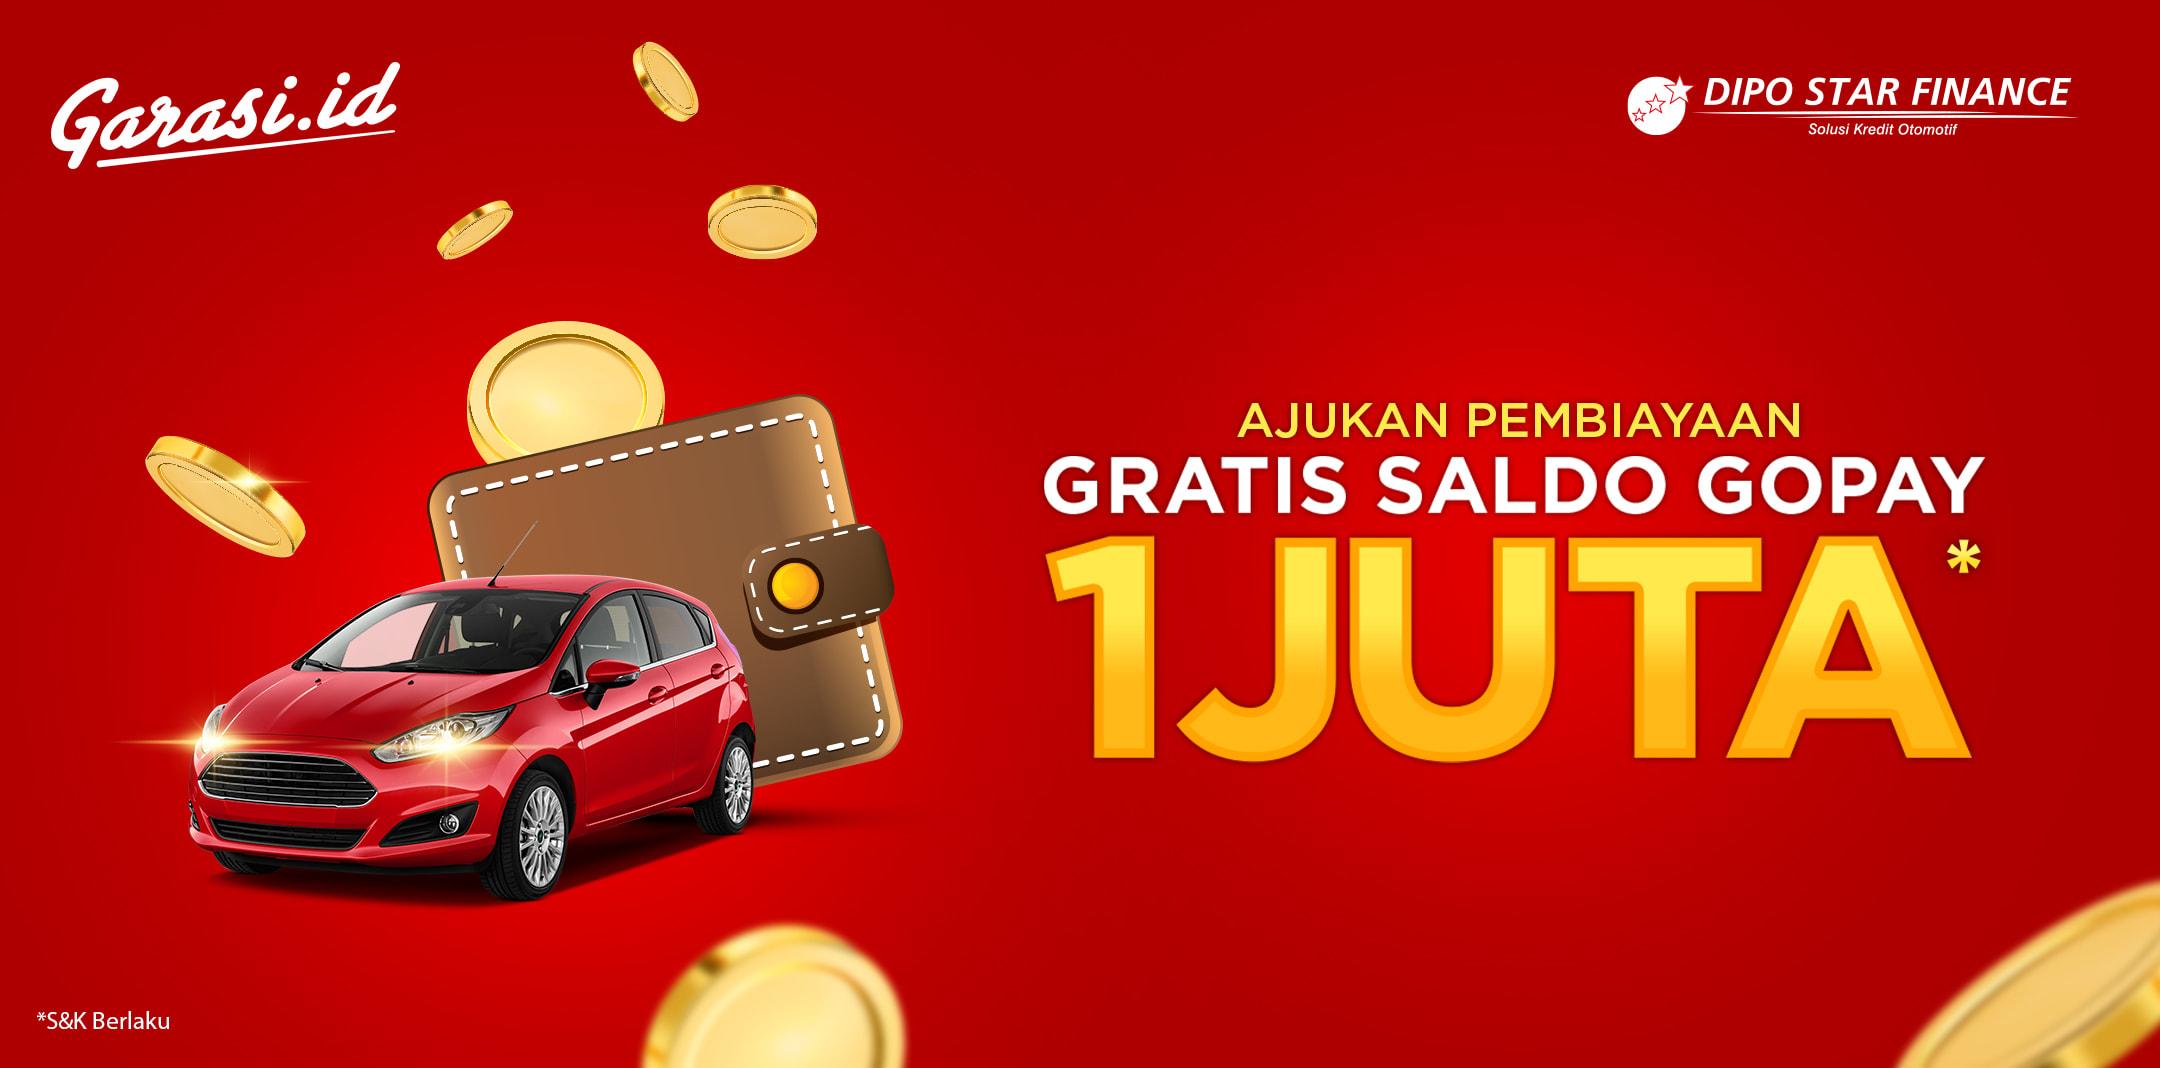 Ajukan kredit mobil Dipo Star Finance di Garasi.id, dapat saldo GOPAY 1 Juta.